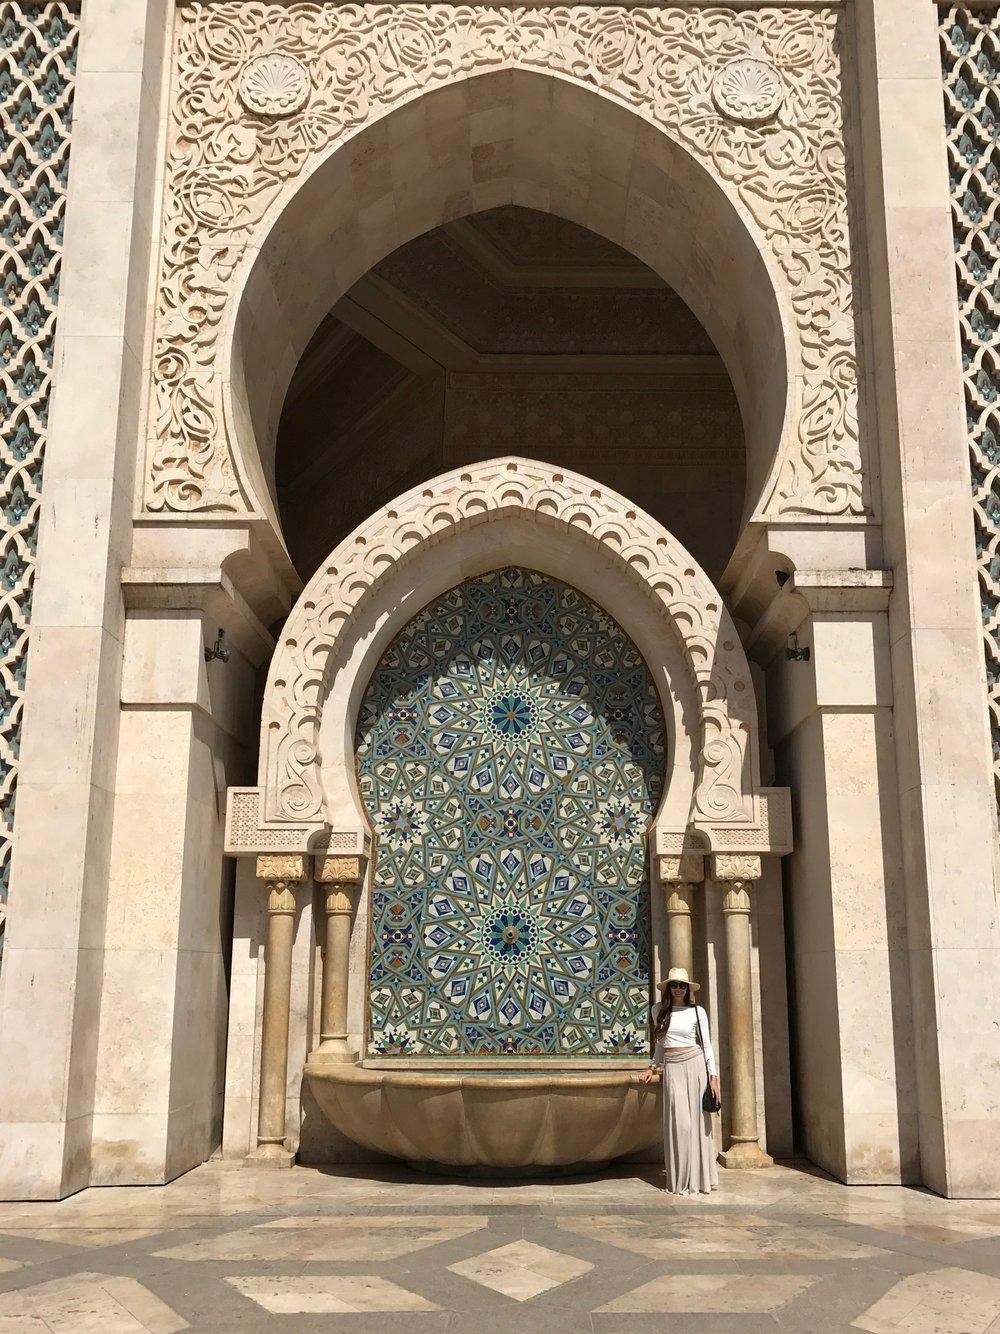 Hassan II Mosque - Casablanca Morocco, October 2016